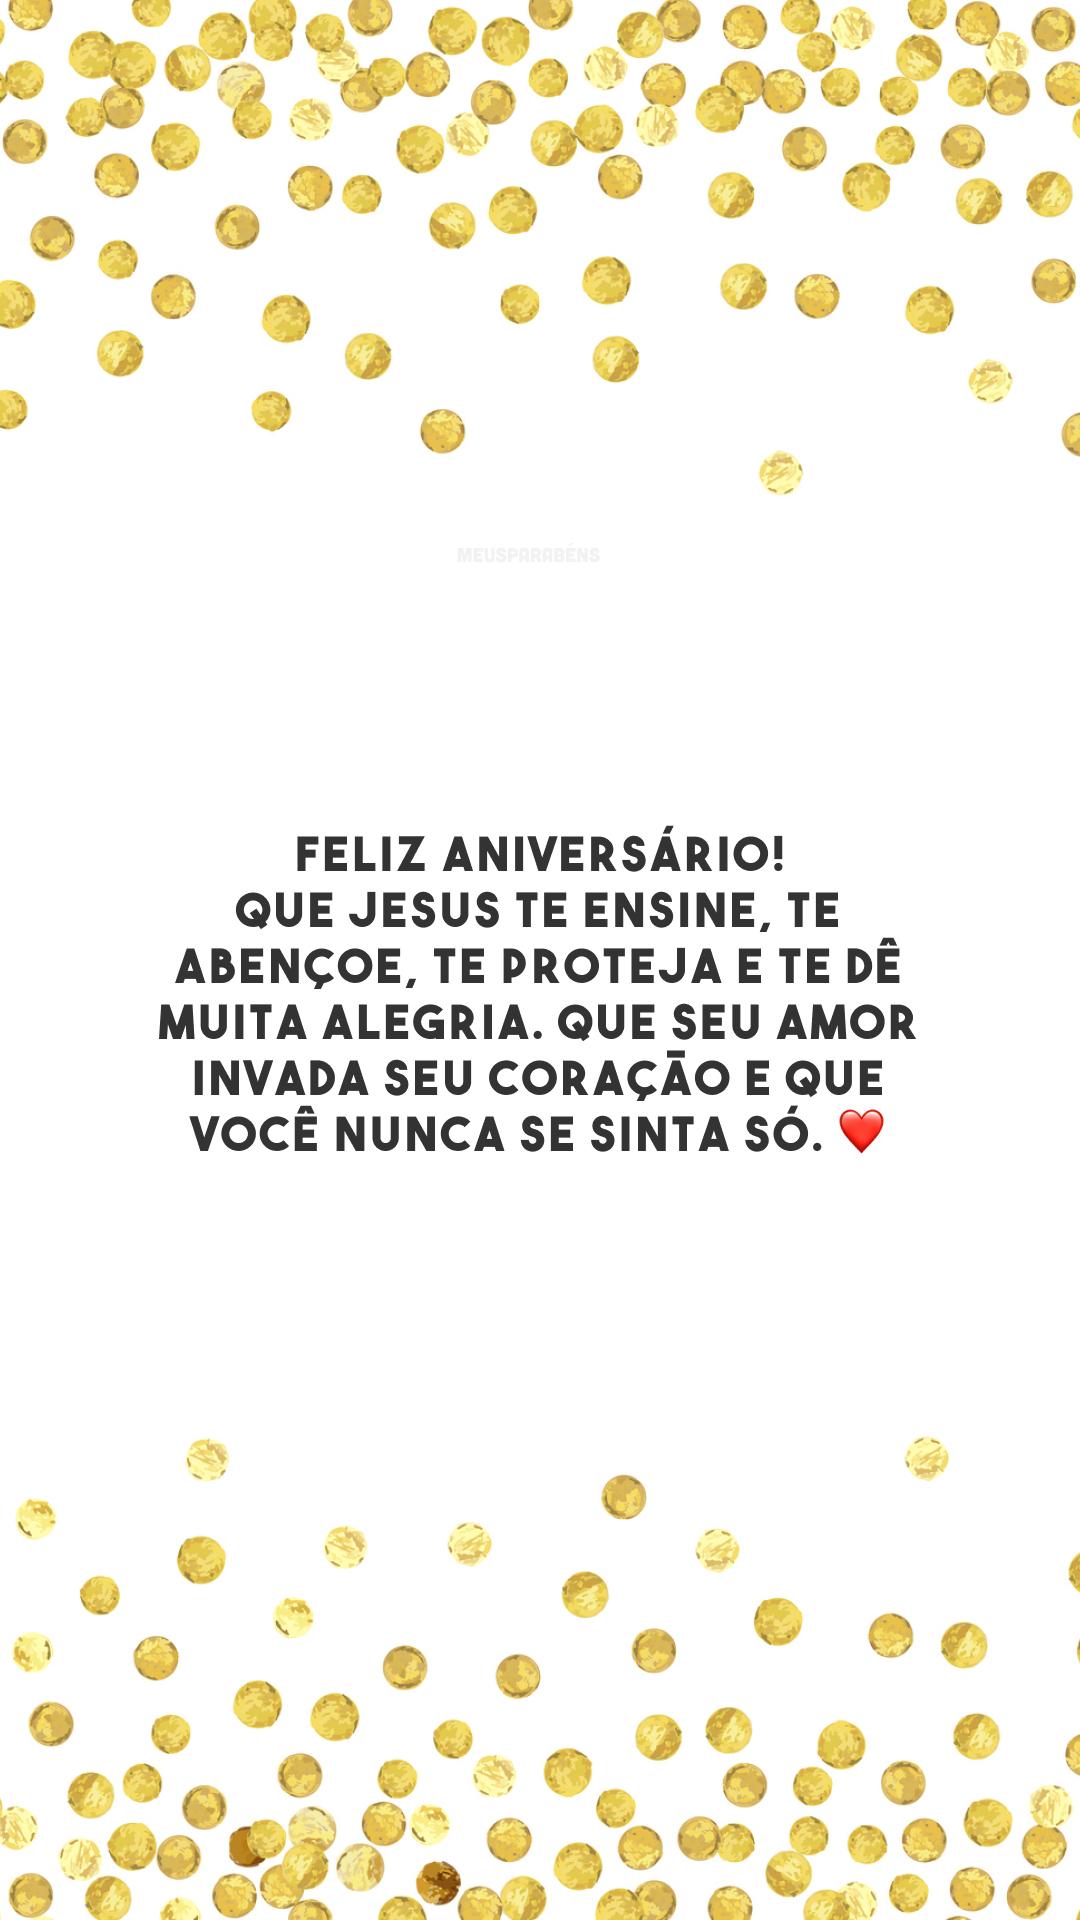 Feliz aniversário! Que Jesus te ensine, te abençoe, te proteja e te dê muita alegria. Que seu amor invada seu coração e que você nunca se sinta só. ❤️